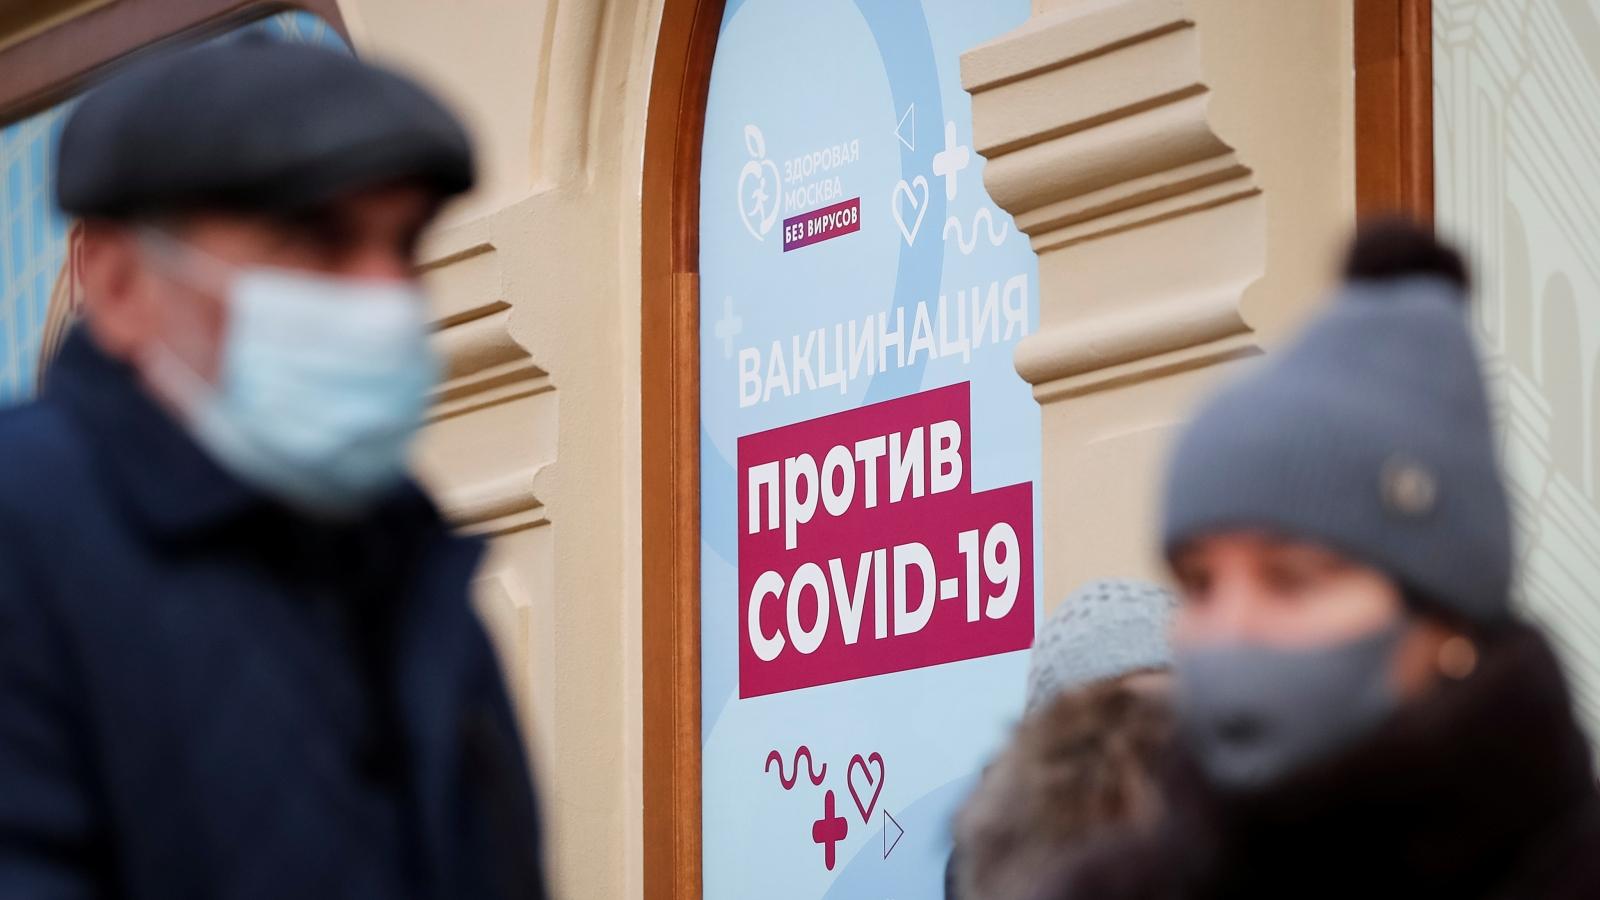 Nga ghi nhận số ca tử vong Covid-19 trong ngày cao kỷ lục do biến thể Delta lây lan nhanh